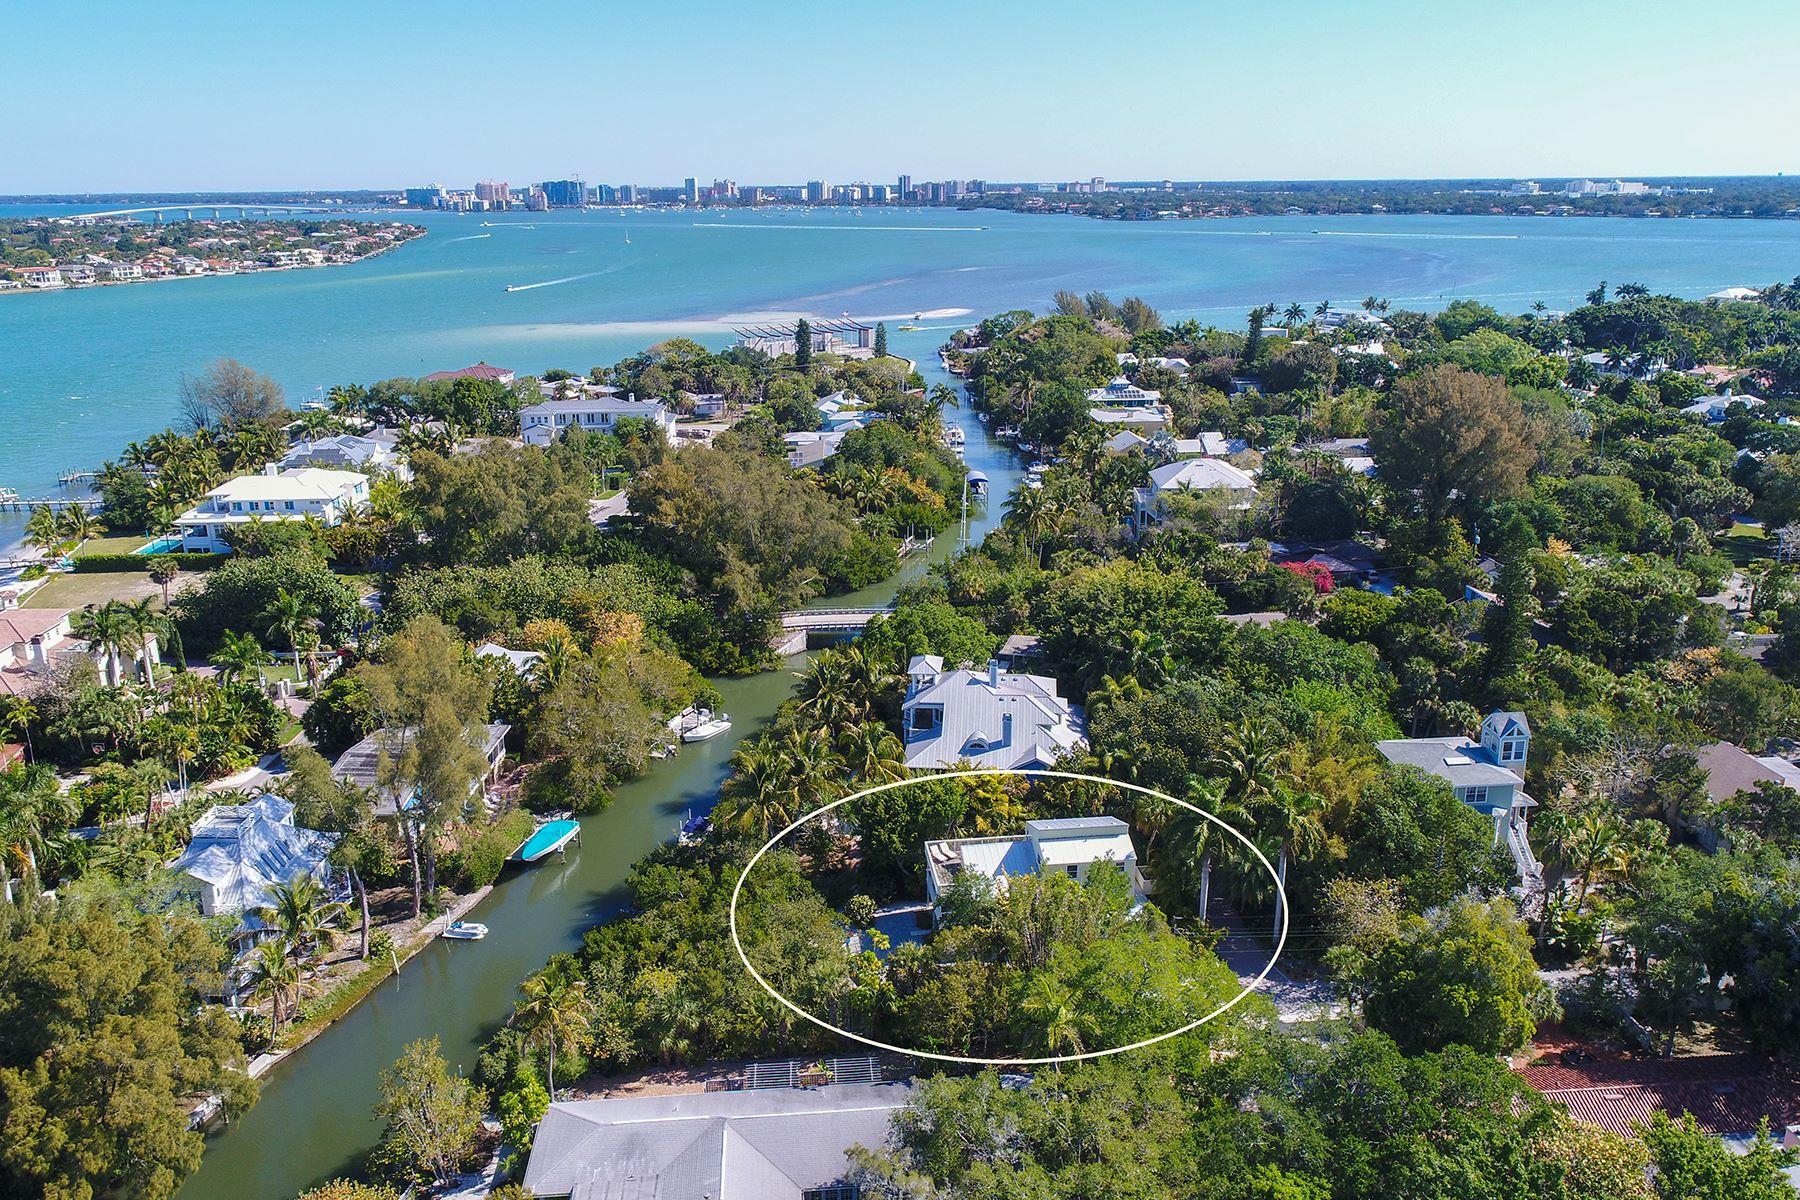 단독 가정 주택 용 매매 에 SIESTA KEY 111 Faubel St Siesta Key, 플로리다, 34242 미국